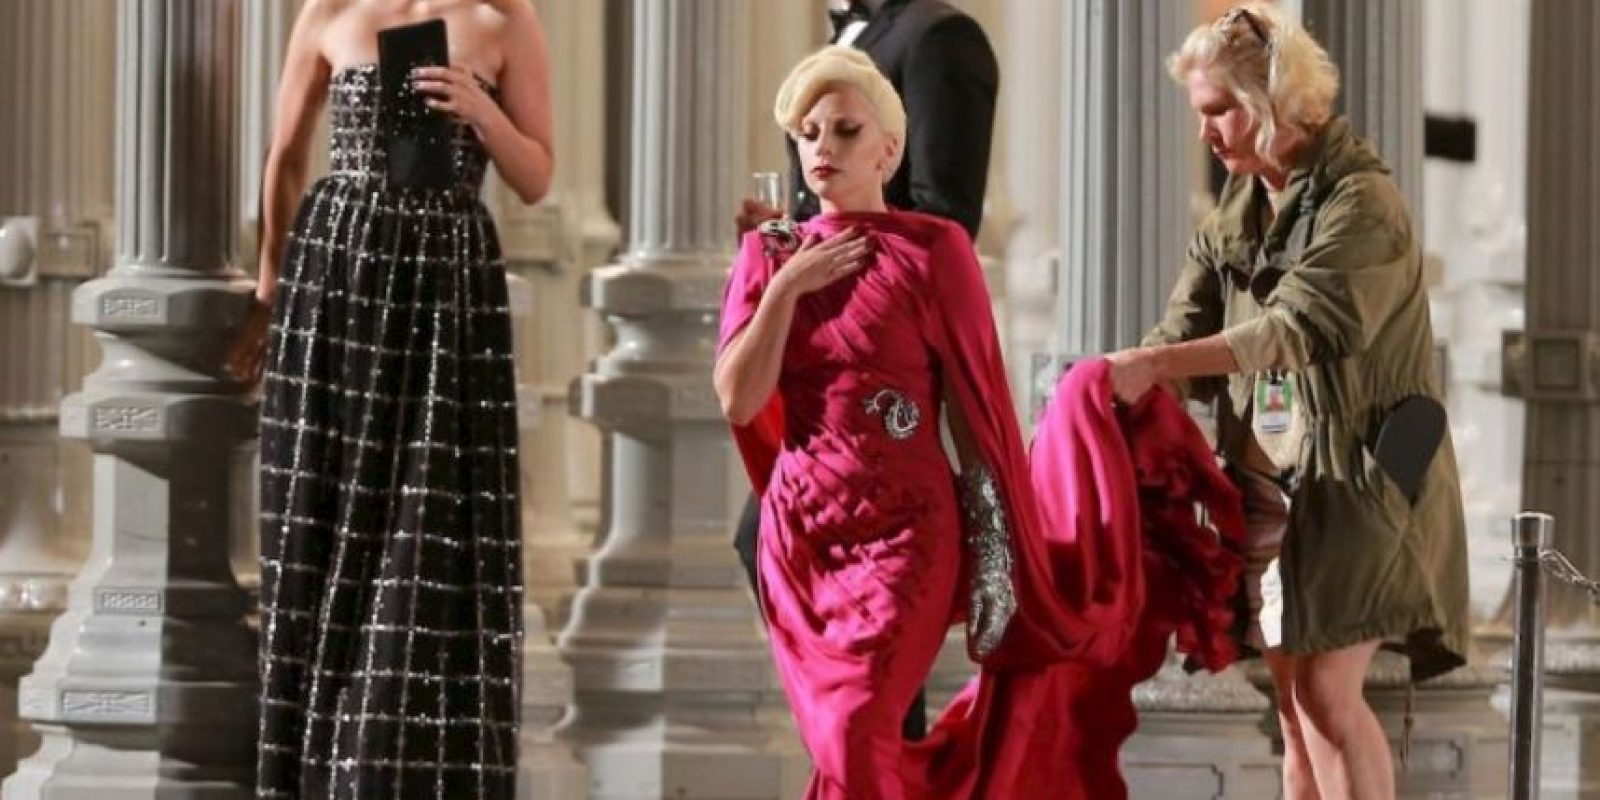 Aunque, también ha sorprendido con sus elegantes vestuarios Foto:The Grosby Group